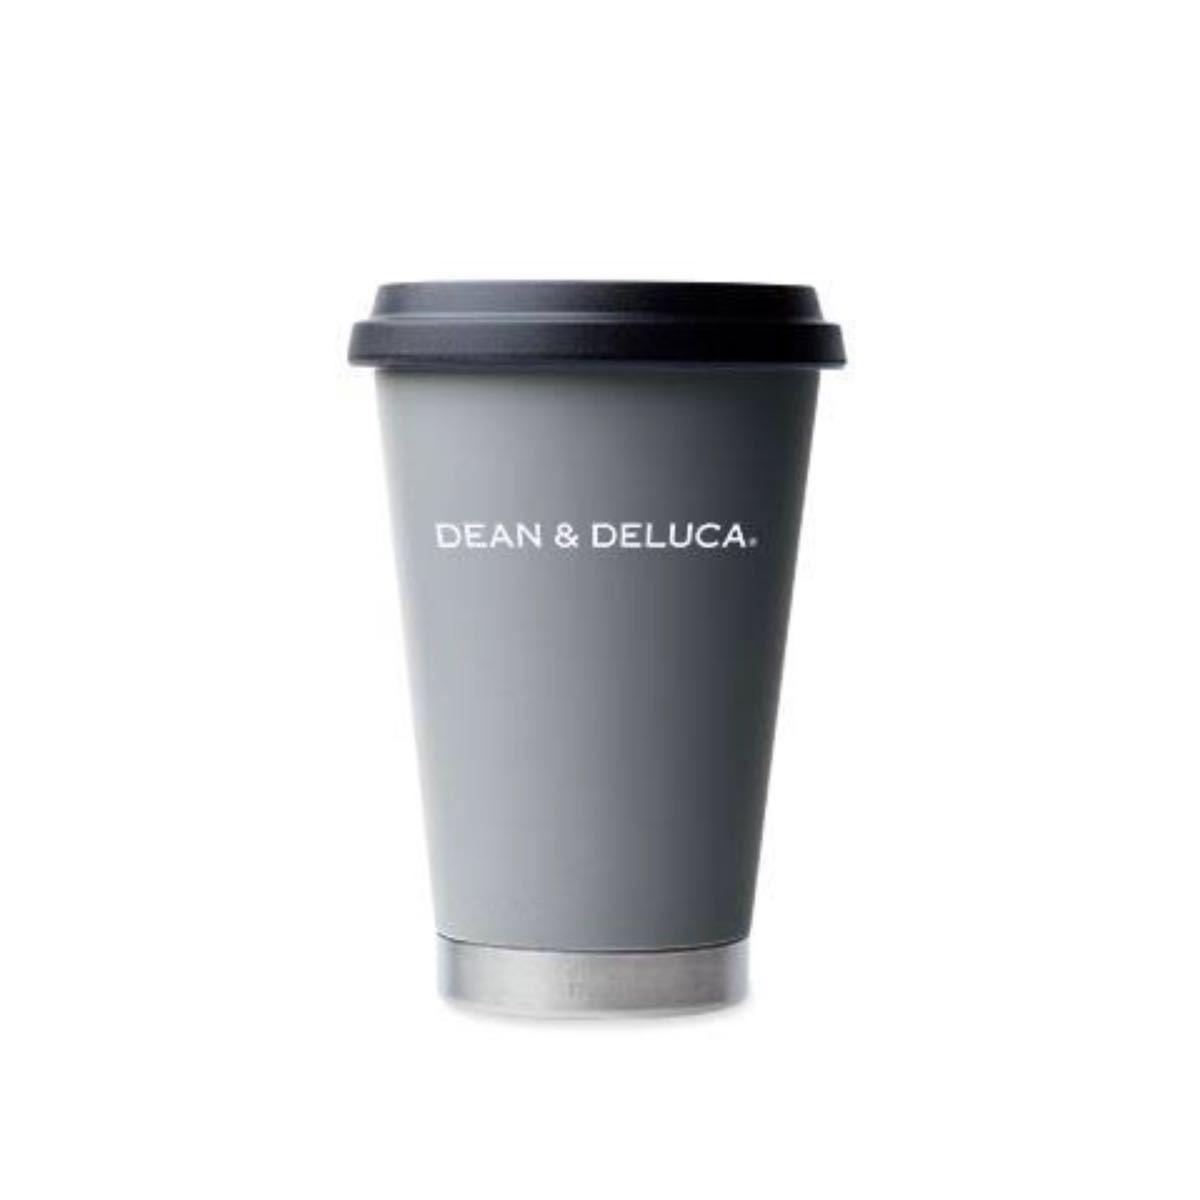 ディーンアンドデルーカ タンブラー限定品 DEAN&DELUCA